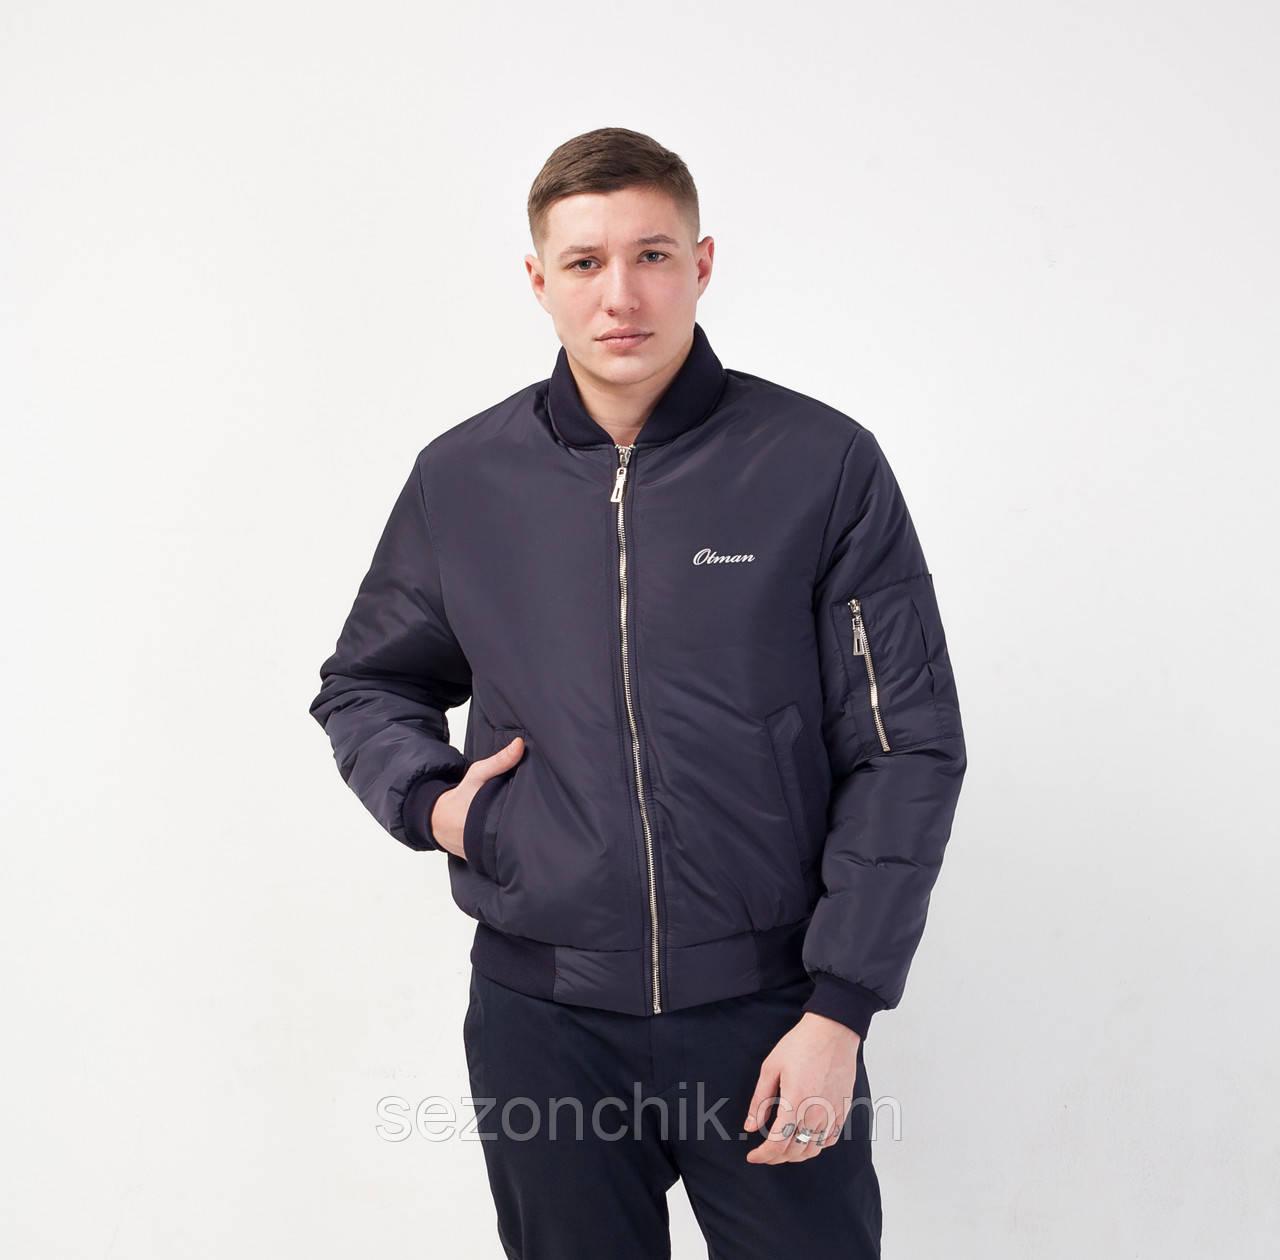 Куртка мужская  от производителя под резинку